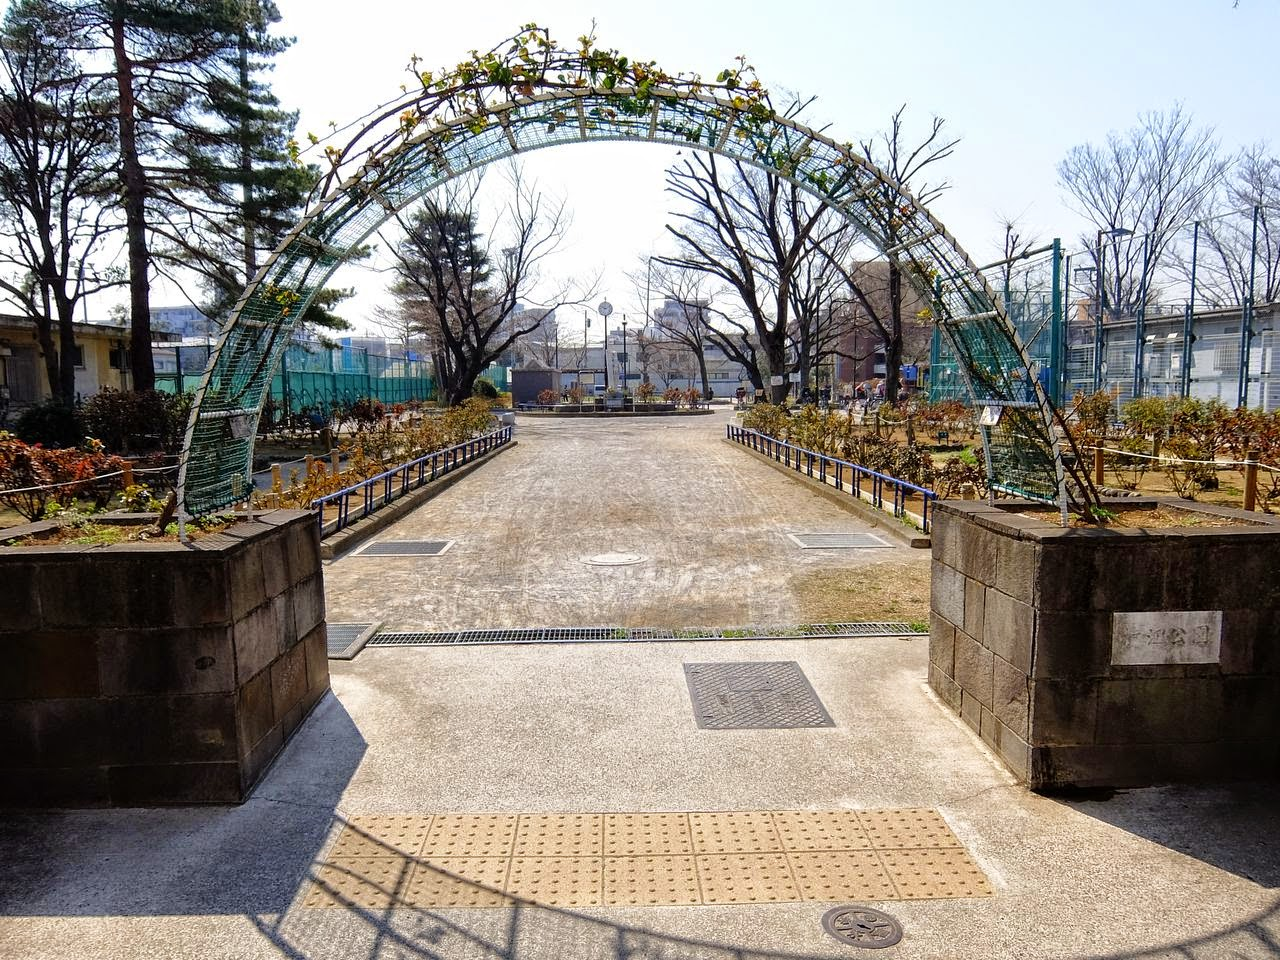 655/1000 渋江公園(東京都葛飾区)